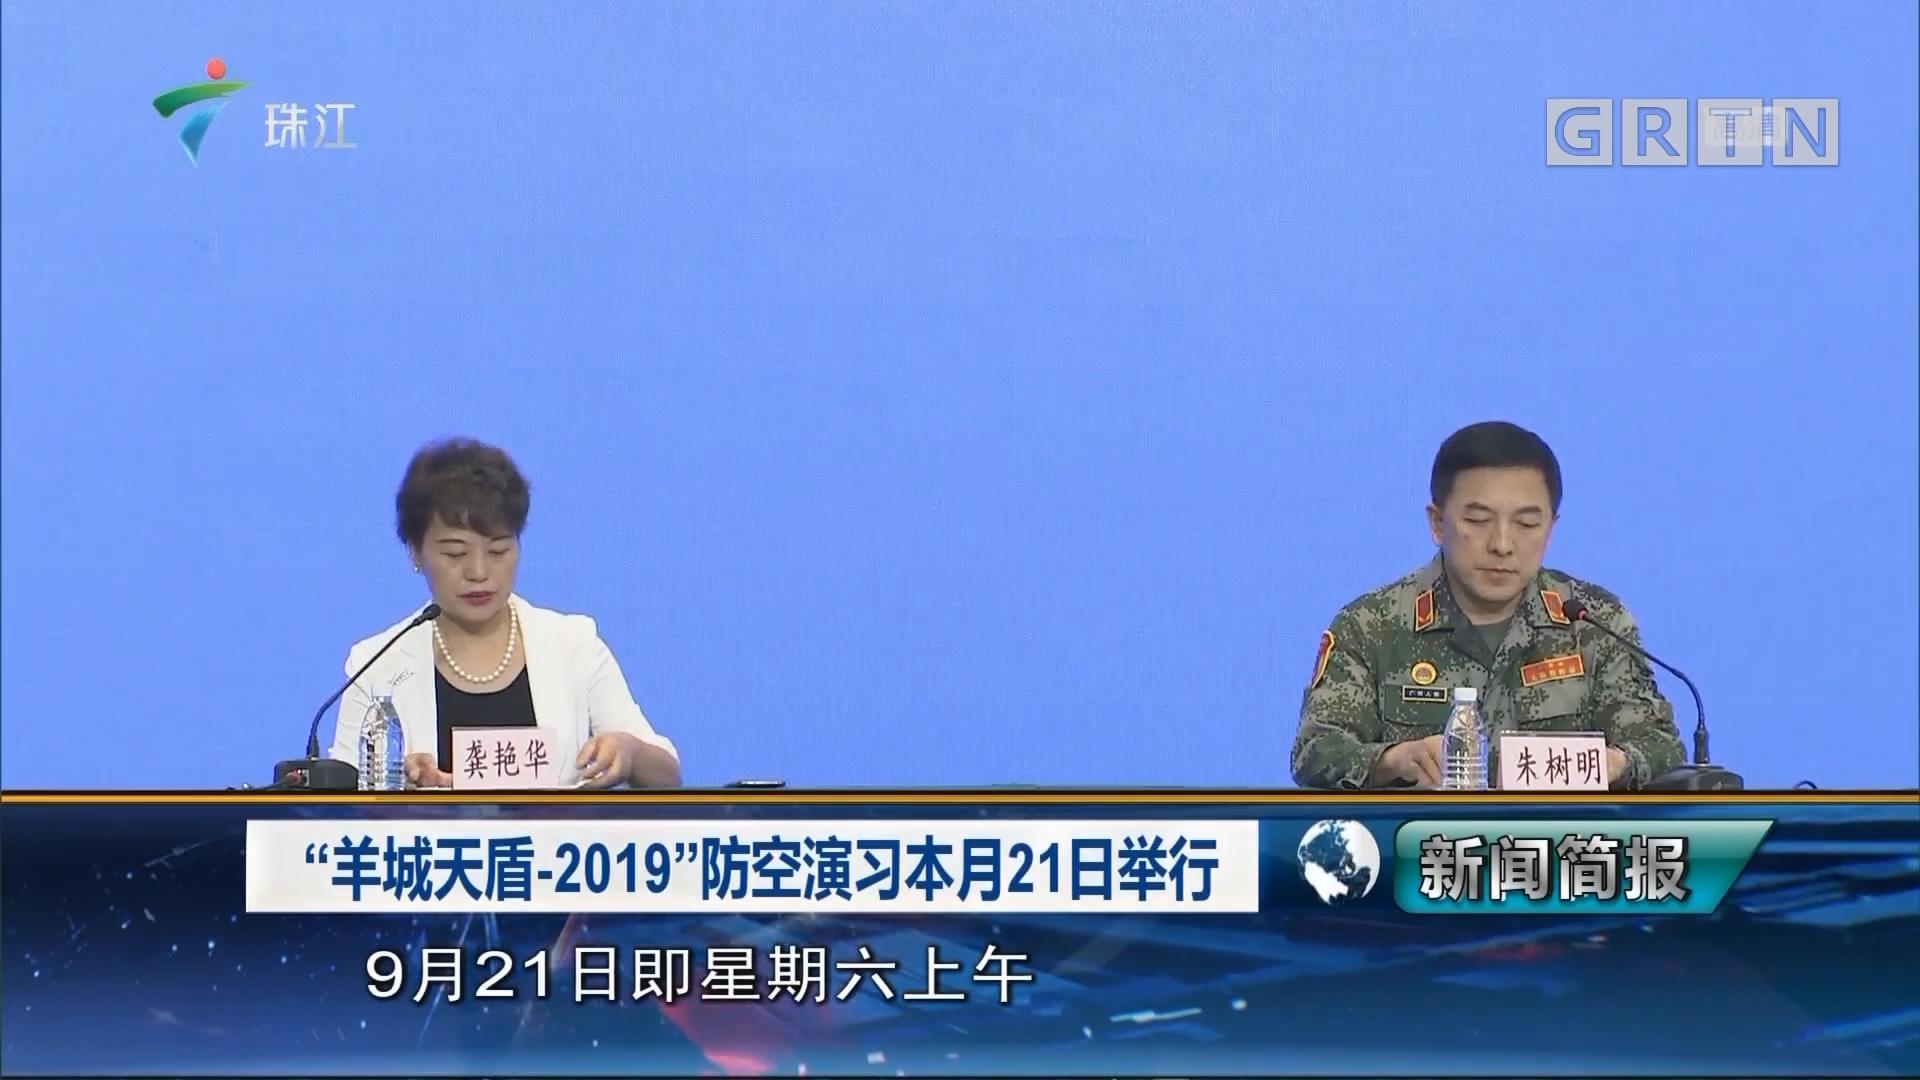 """""""羊城天盾-2019""""防空演习本月21日举行"""